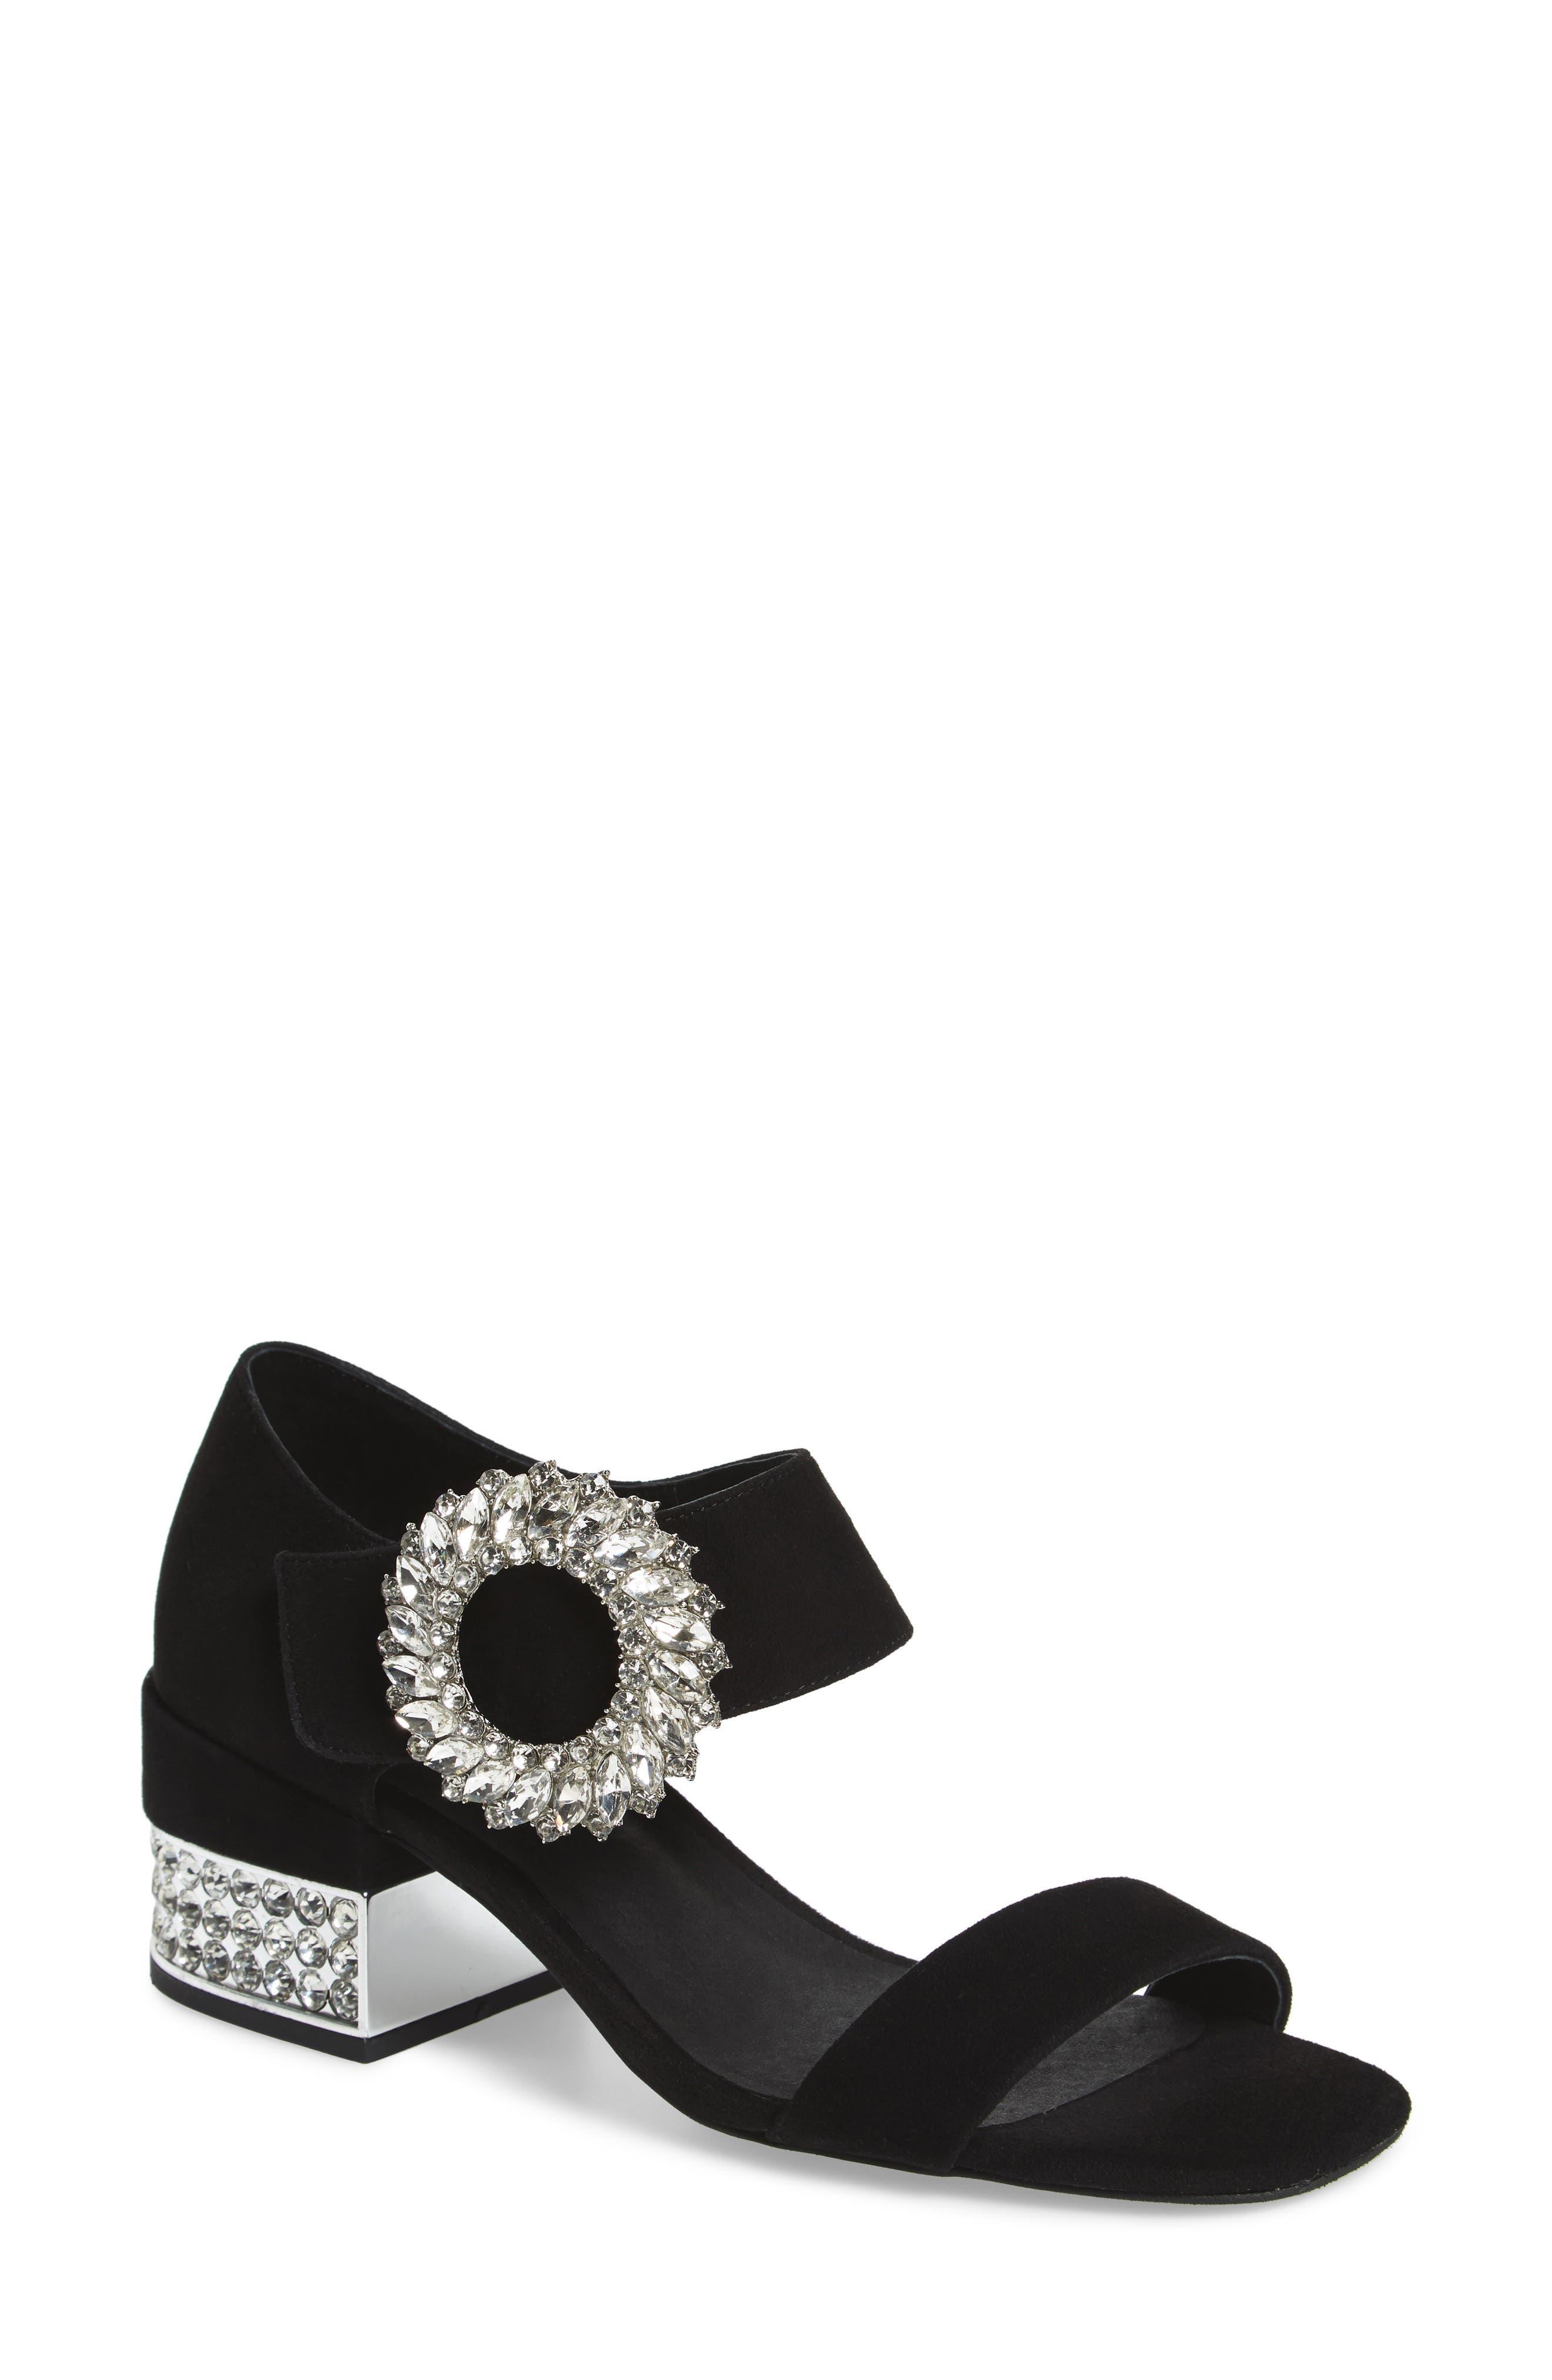 Kaylene Crystal Embellished Sandal,                         Main,                         color, Black/ Silver Suede